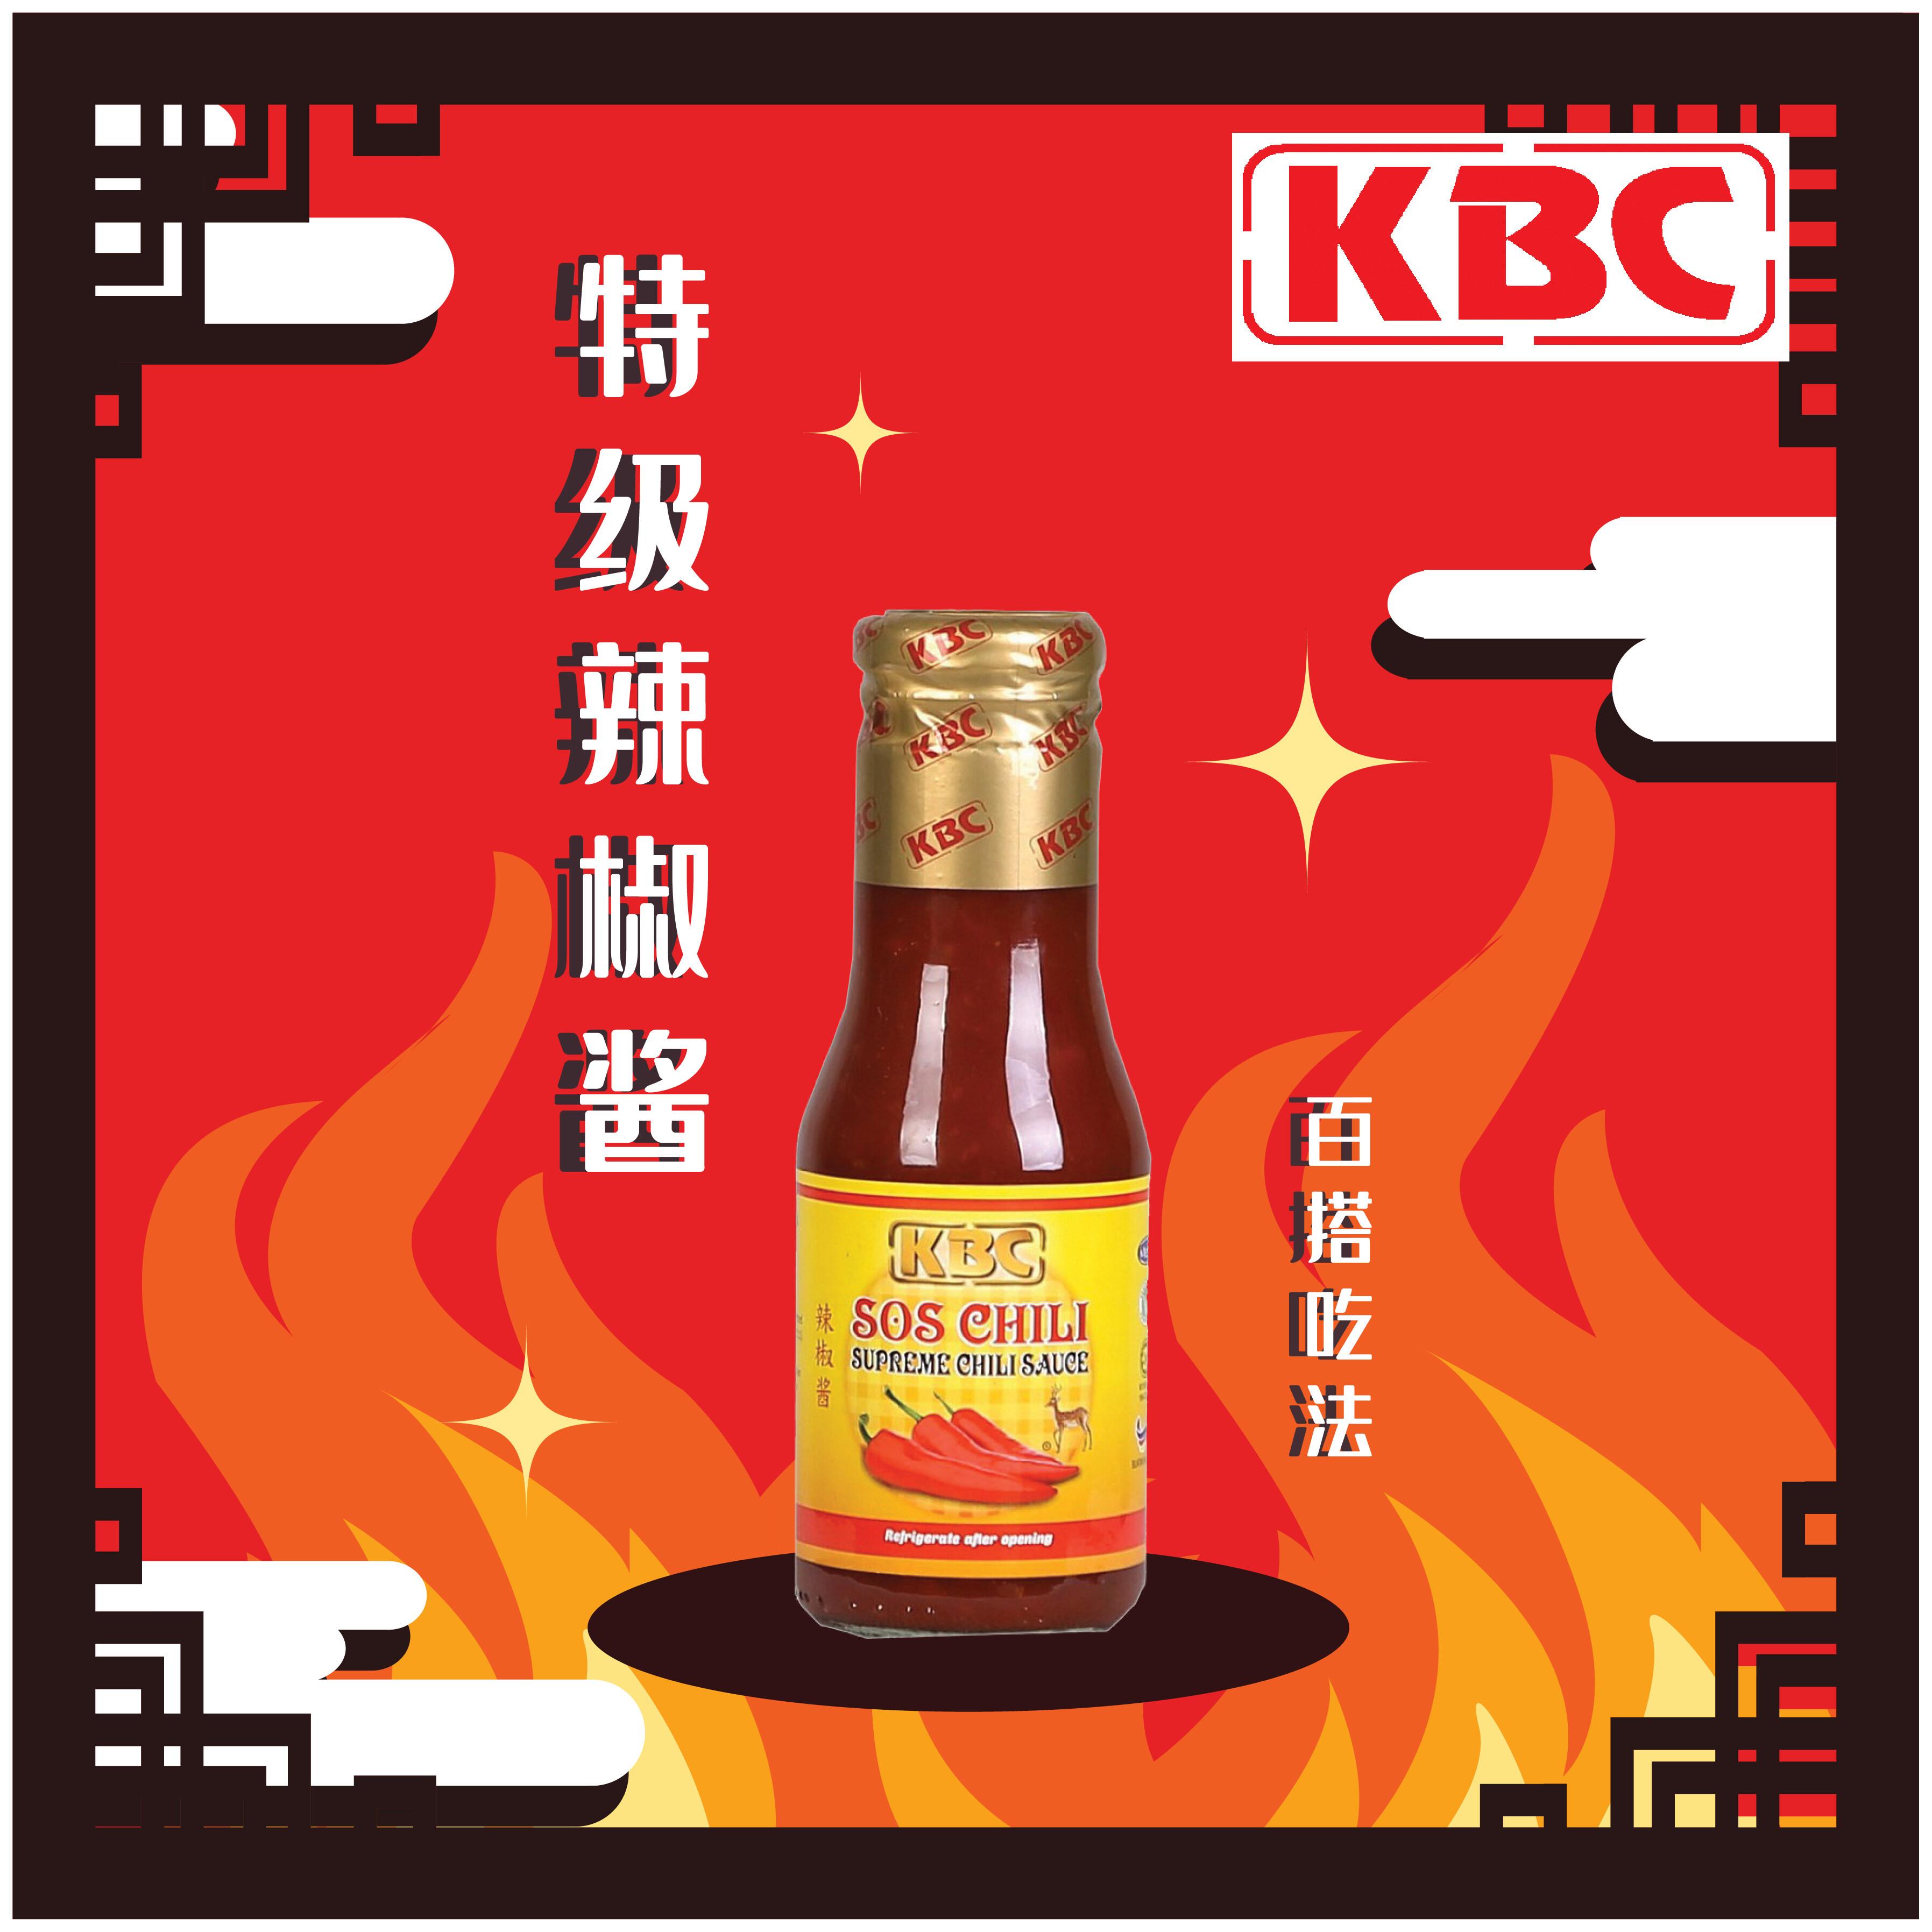 KBC Chili Sauce (280gm Supreme Chili Sauce) 特級辣椒醬